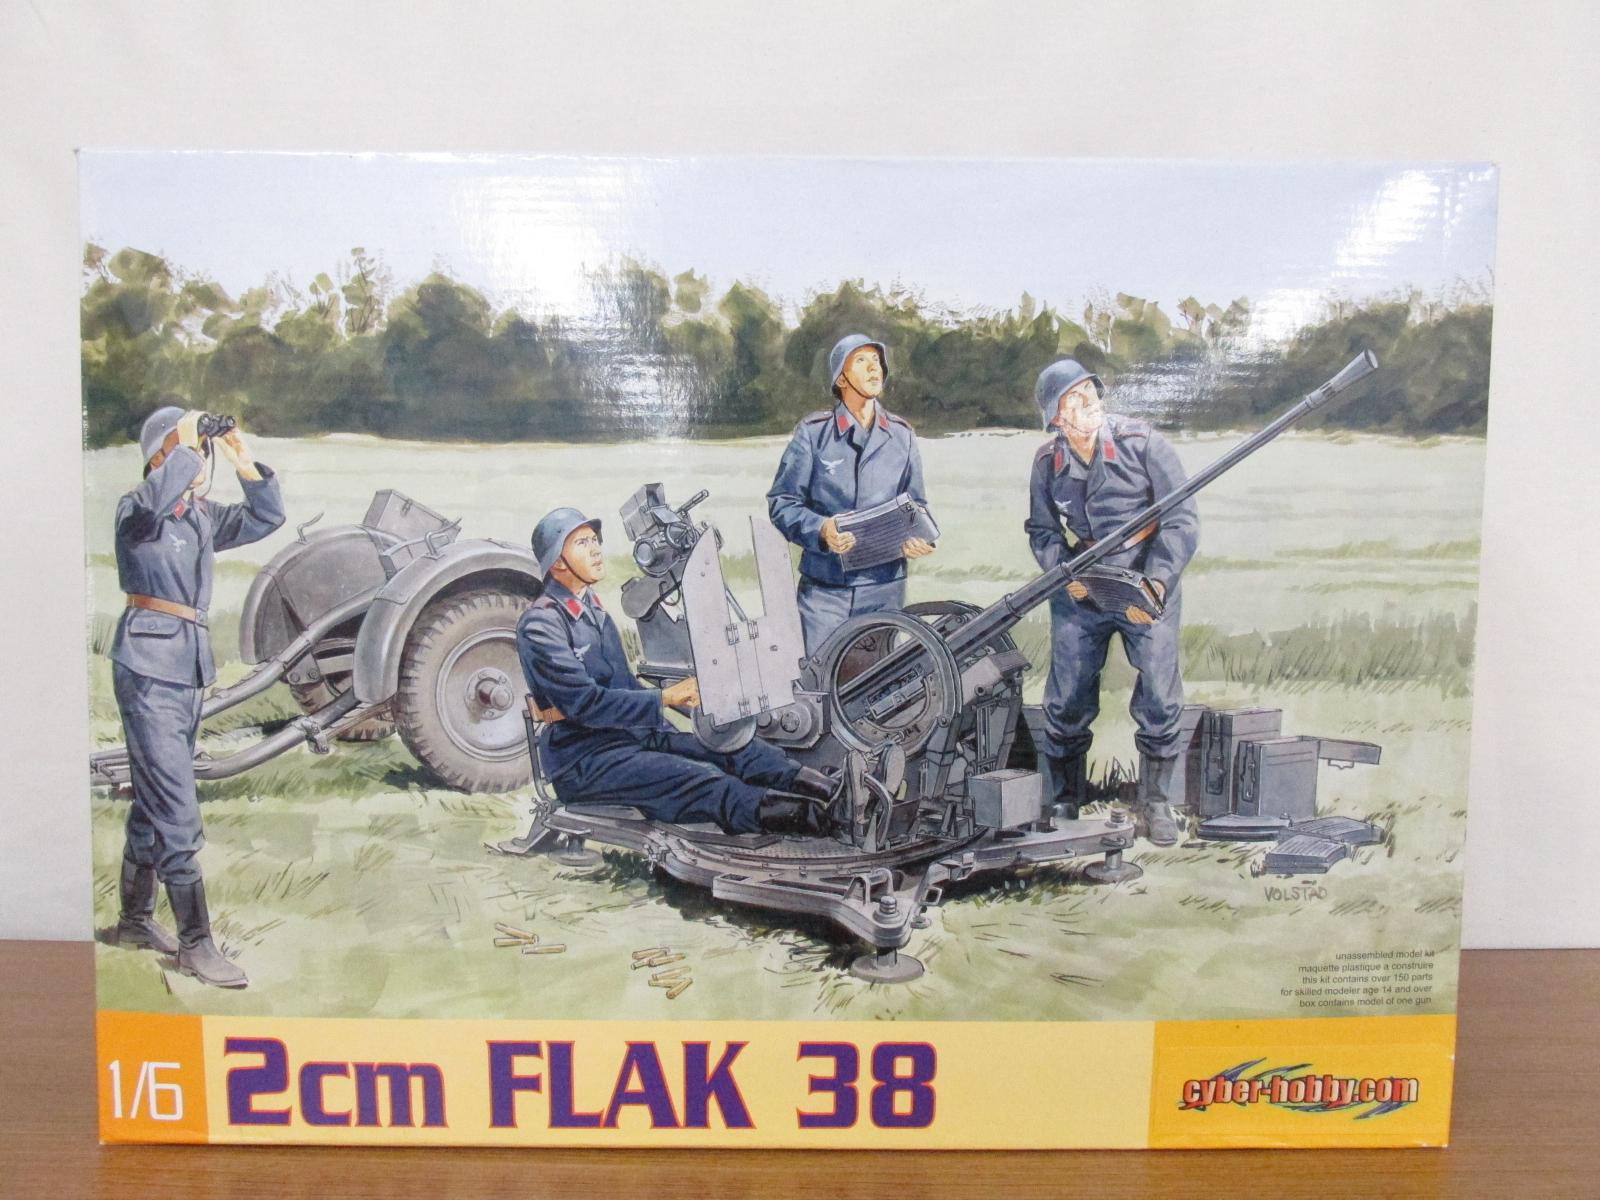 サイバーホビー 1/6スケール 2cm FLAK 38 対空機関砲